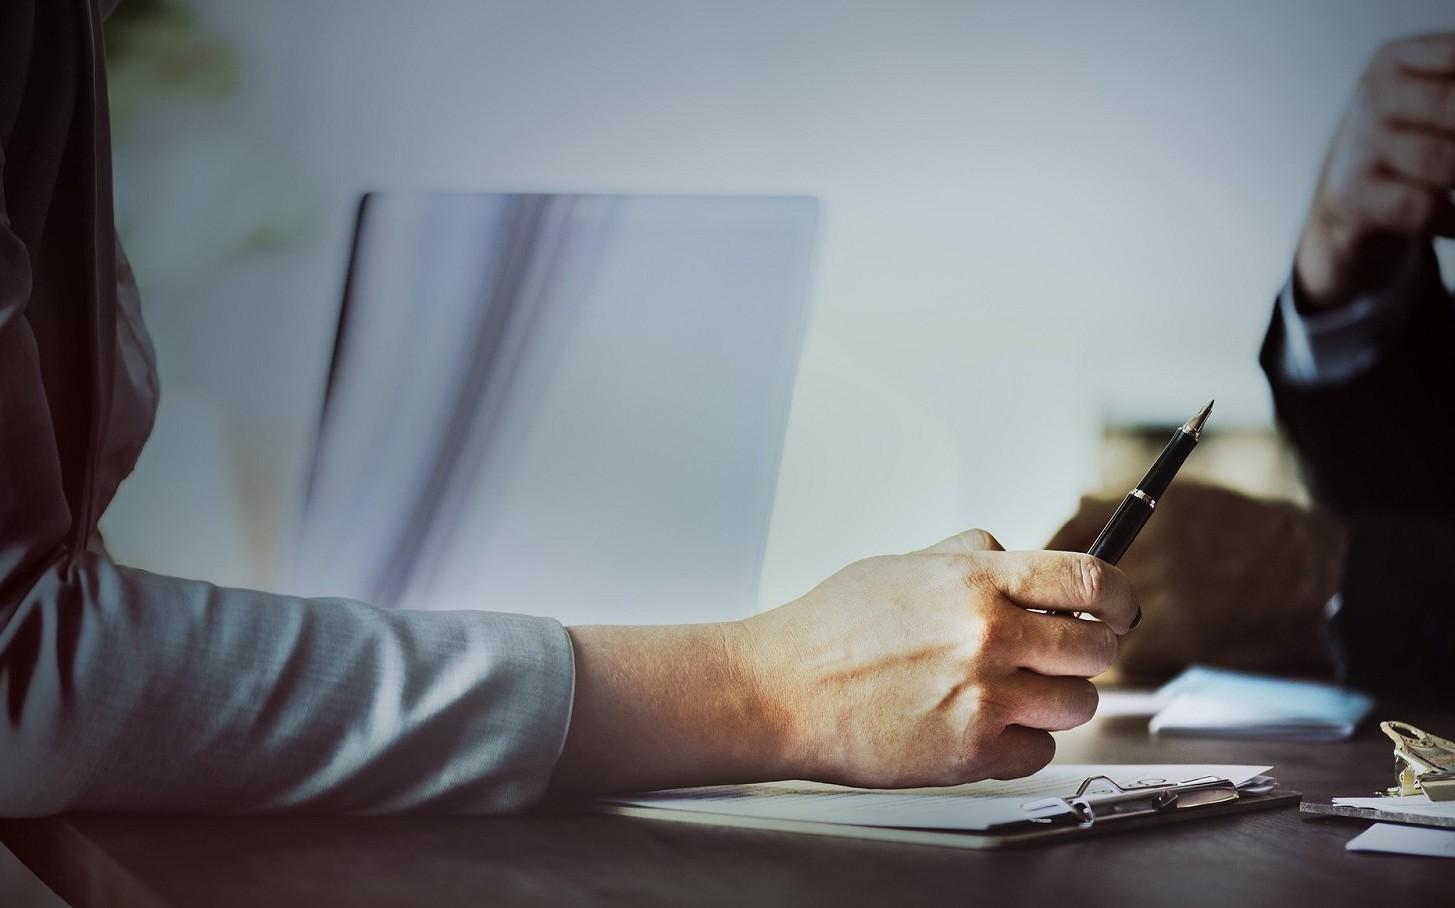 Contratto a chiamata 2019-2020 durata minima e massima e quante volte può essere rinnovato